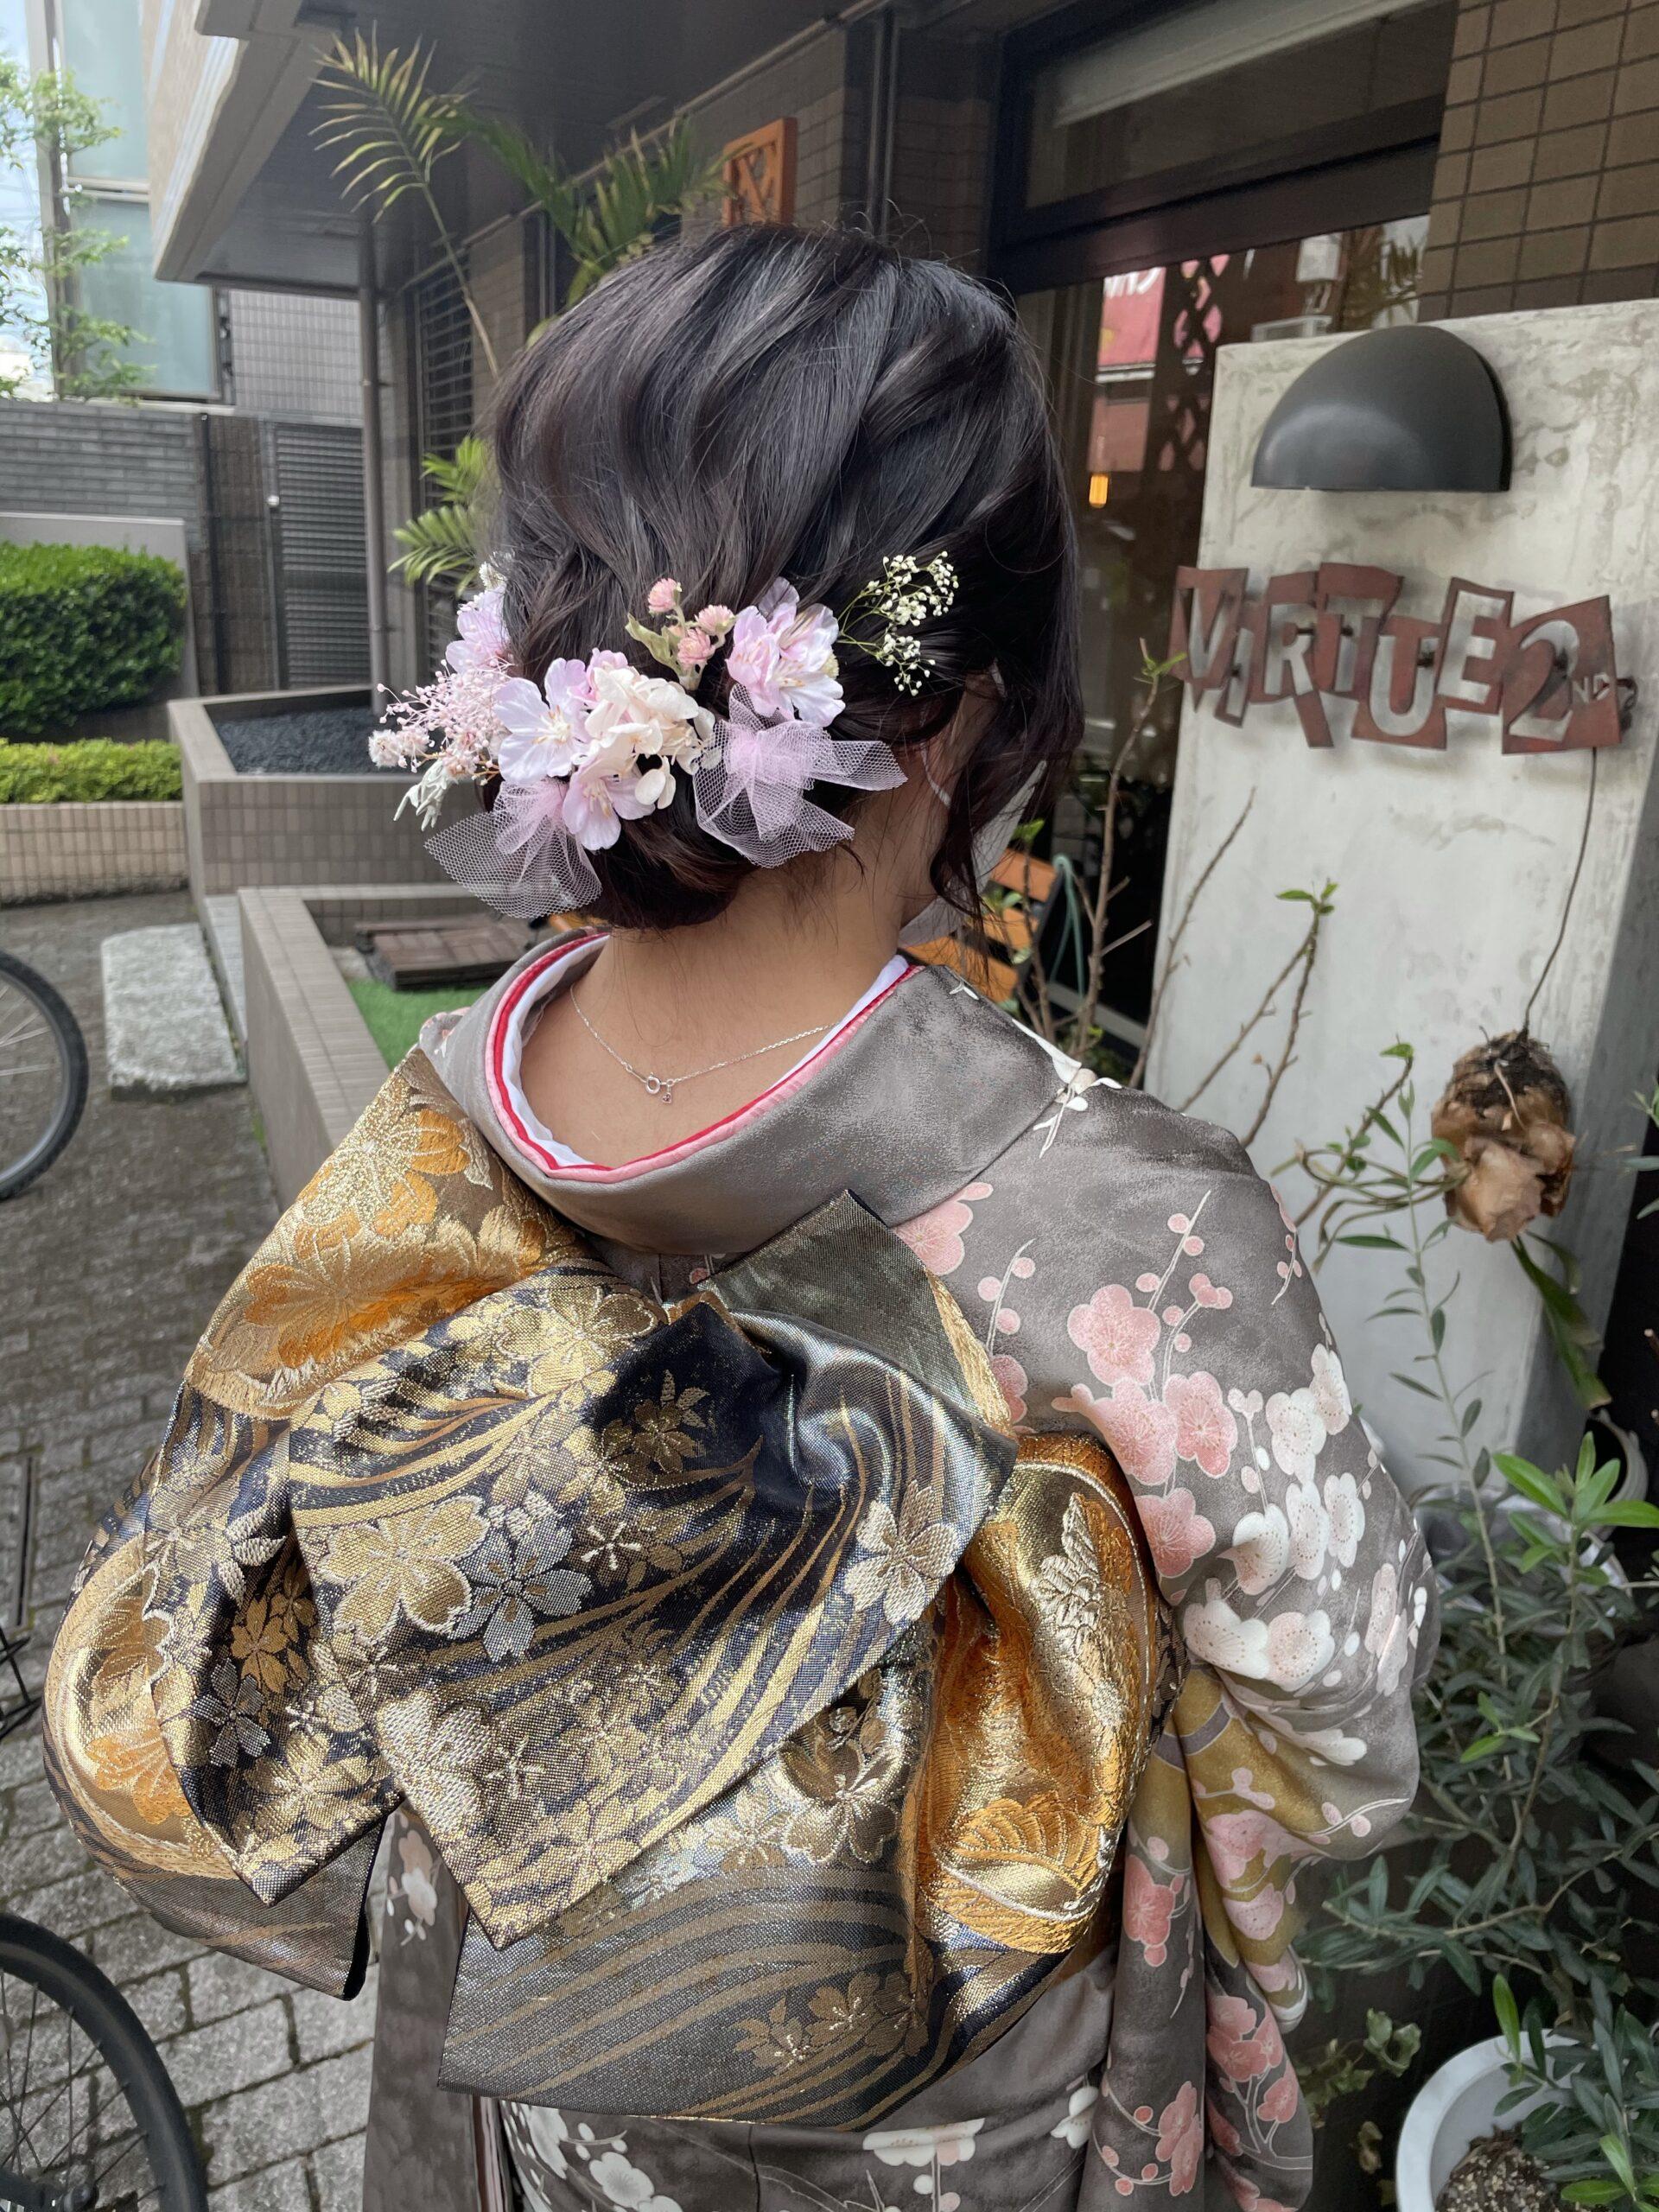 成人式・七五三 美容室で着付けして、お近くの神社や庭園で前撮りもオススメです!!